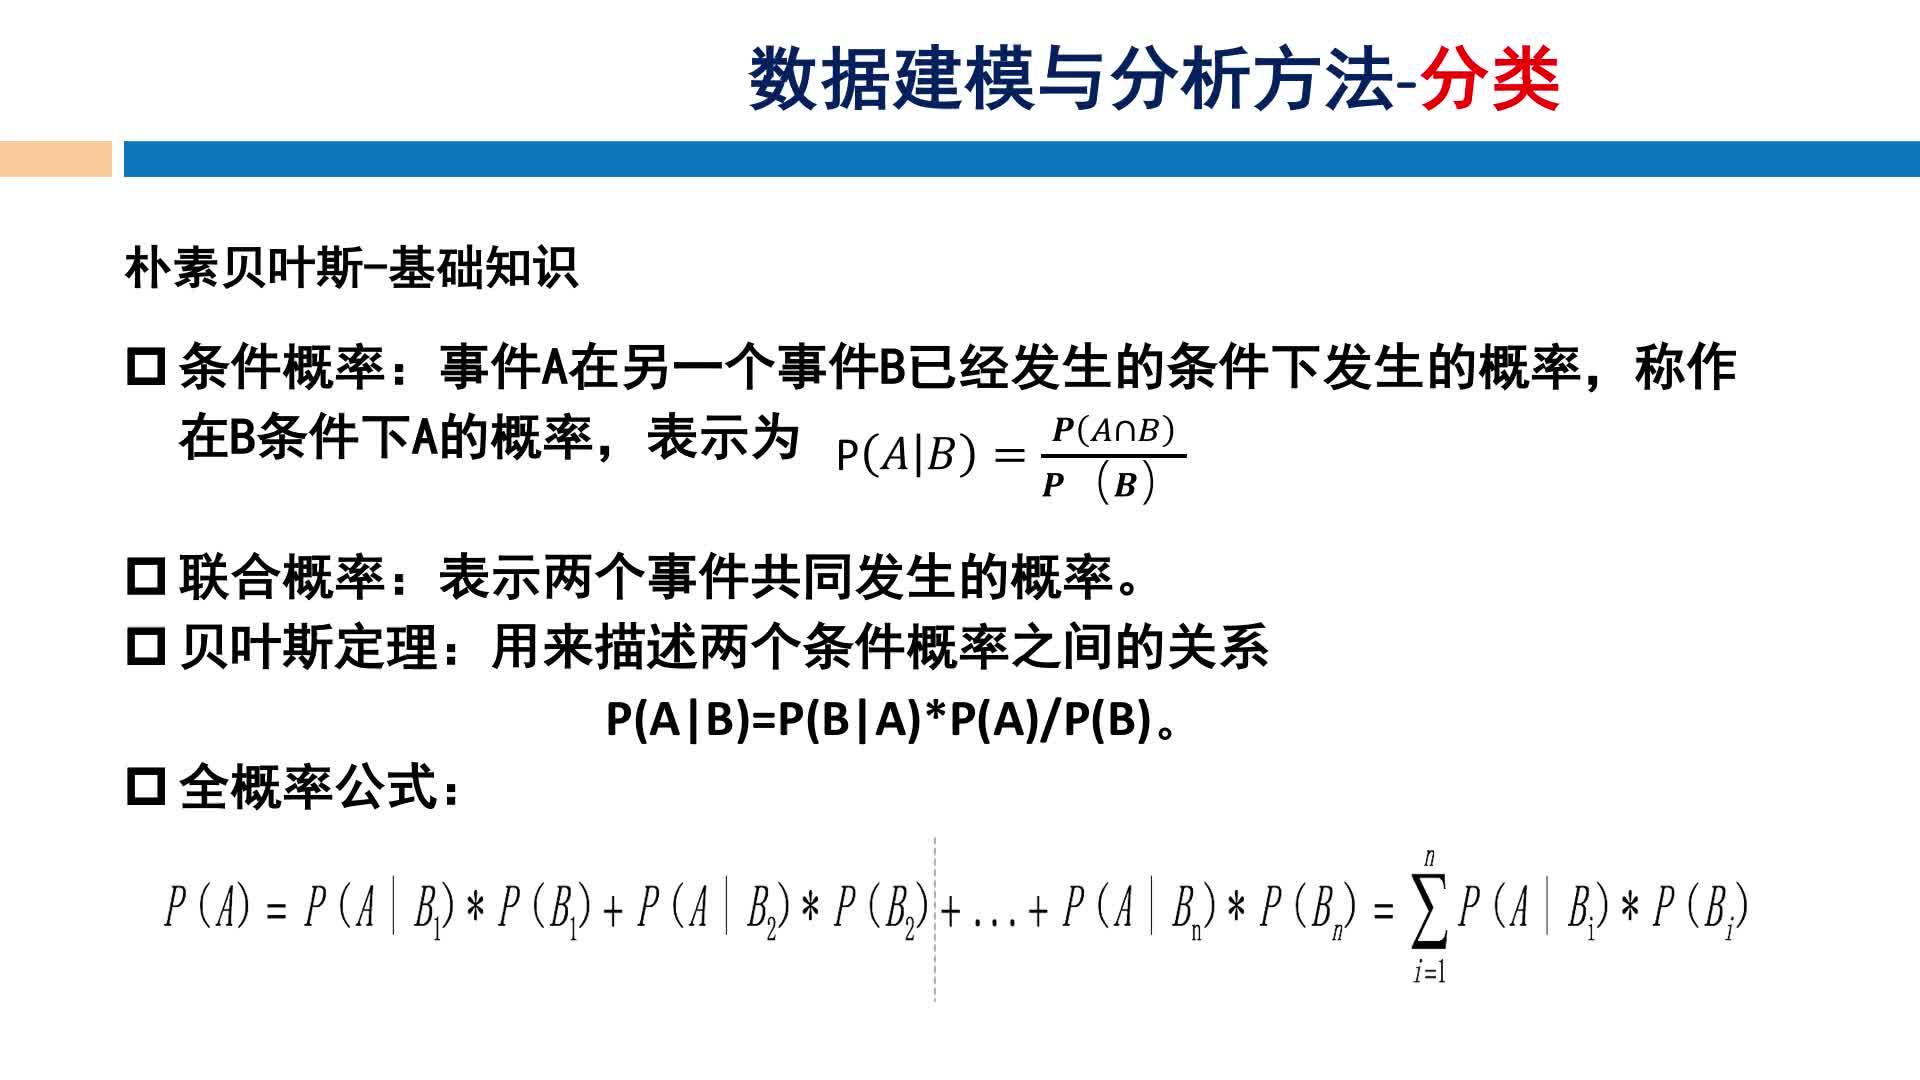 北京理工大学慕课——袁汉宁:大数据分析(三)